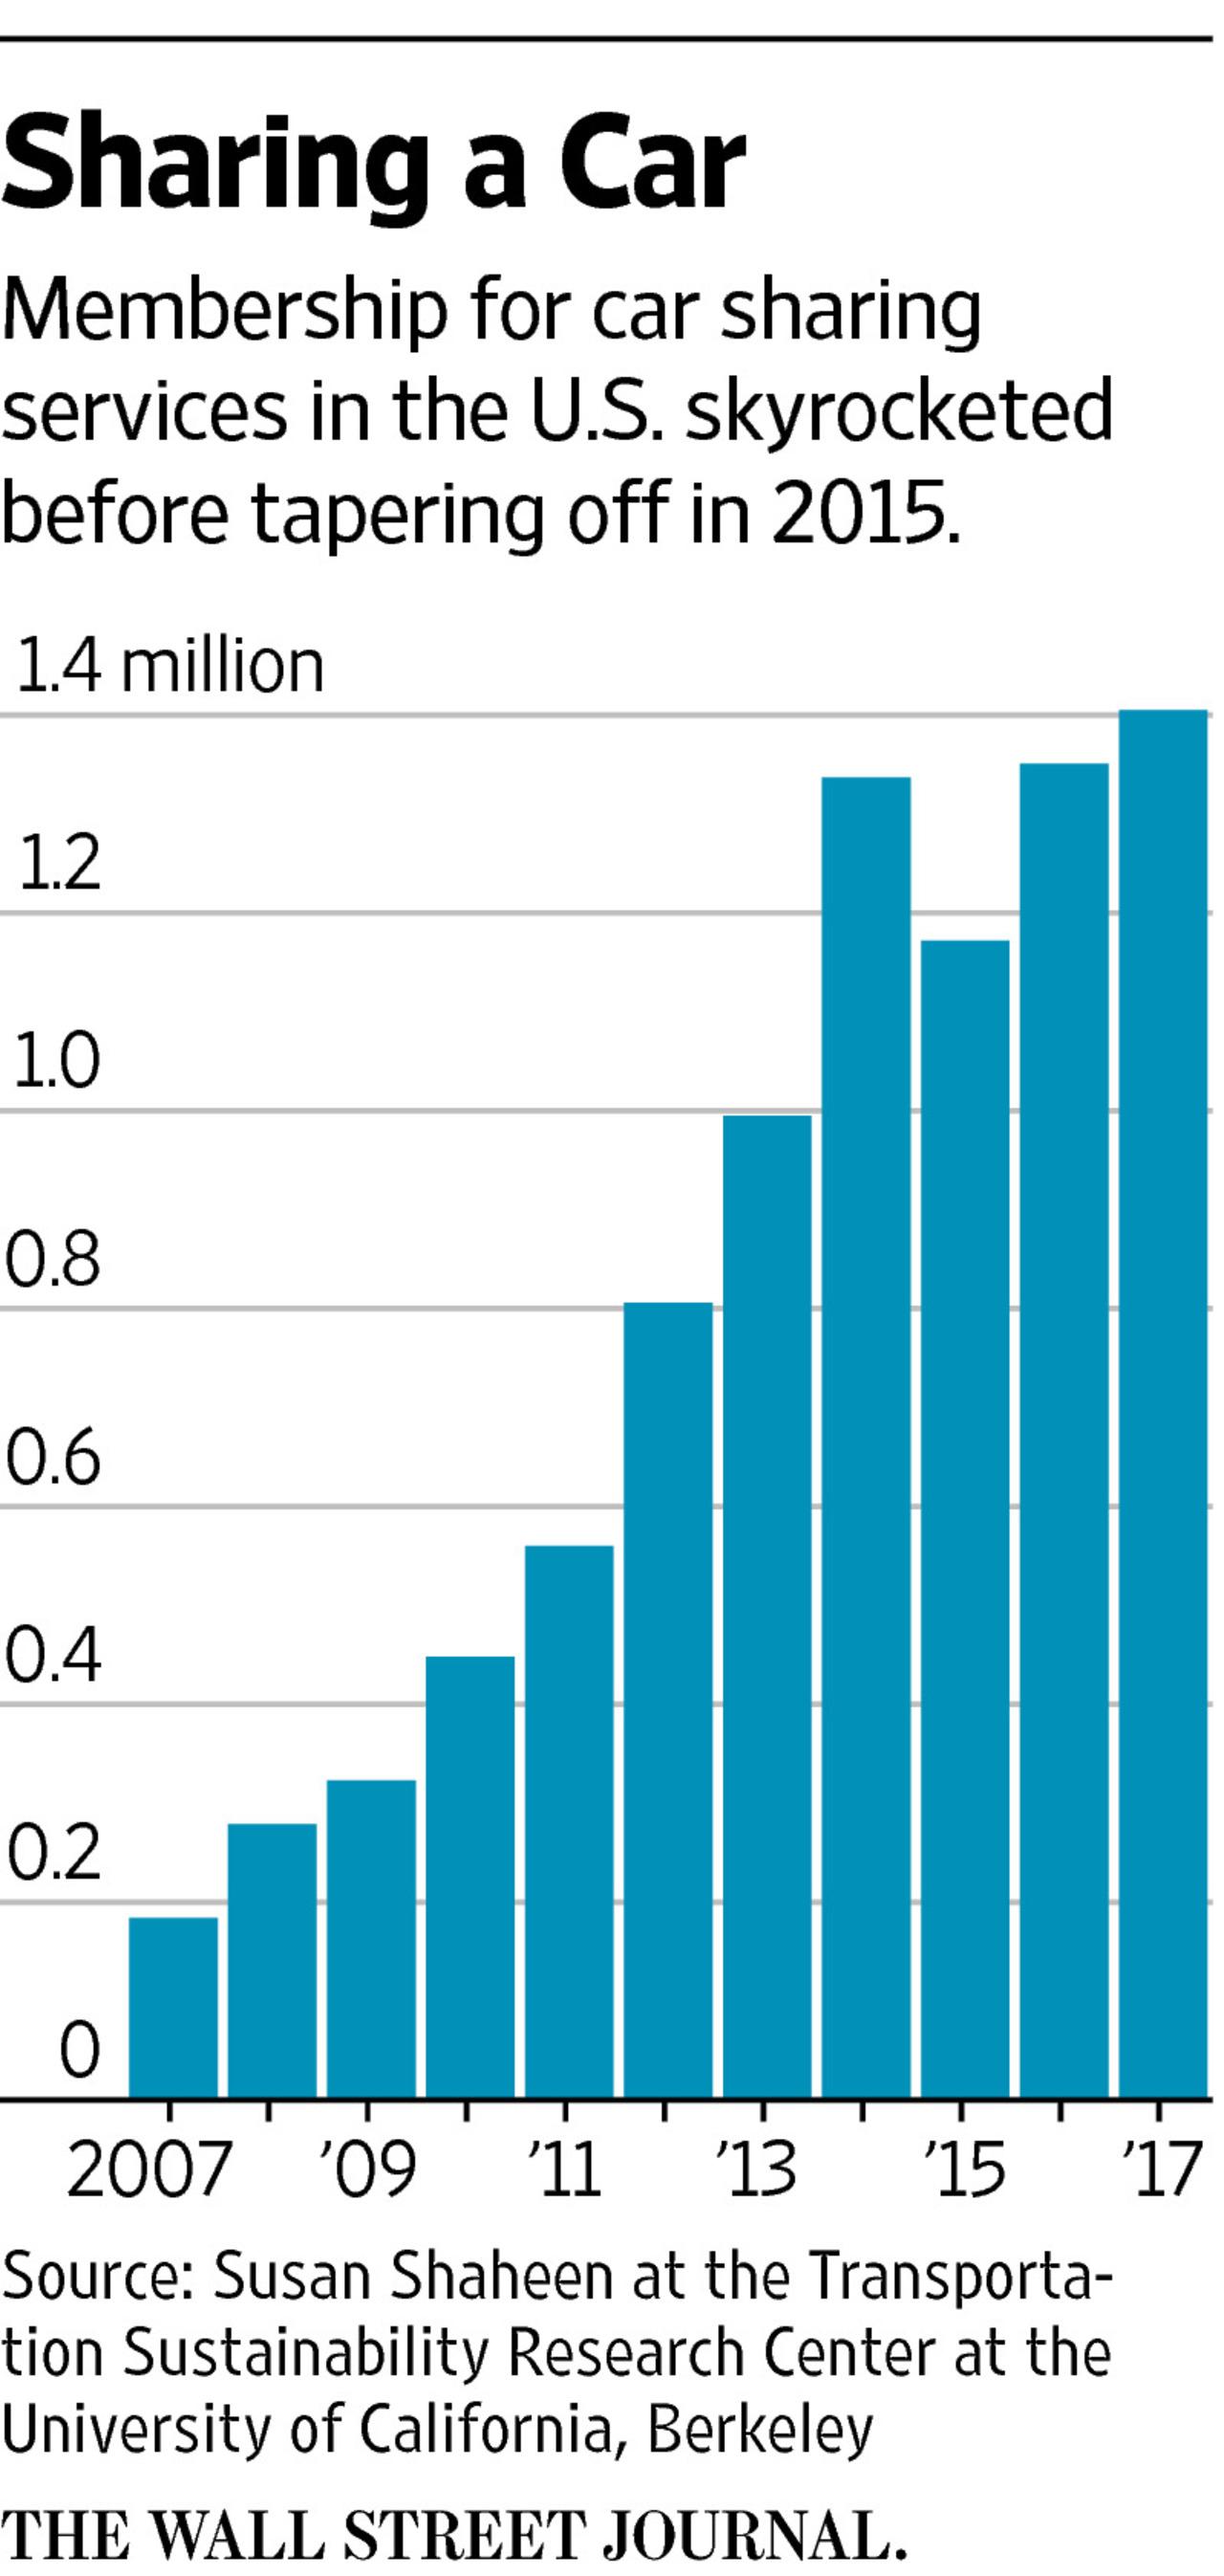 在困境中挣扎 美国共享汽车行业不容乐观(组图)